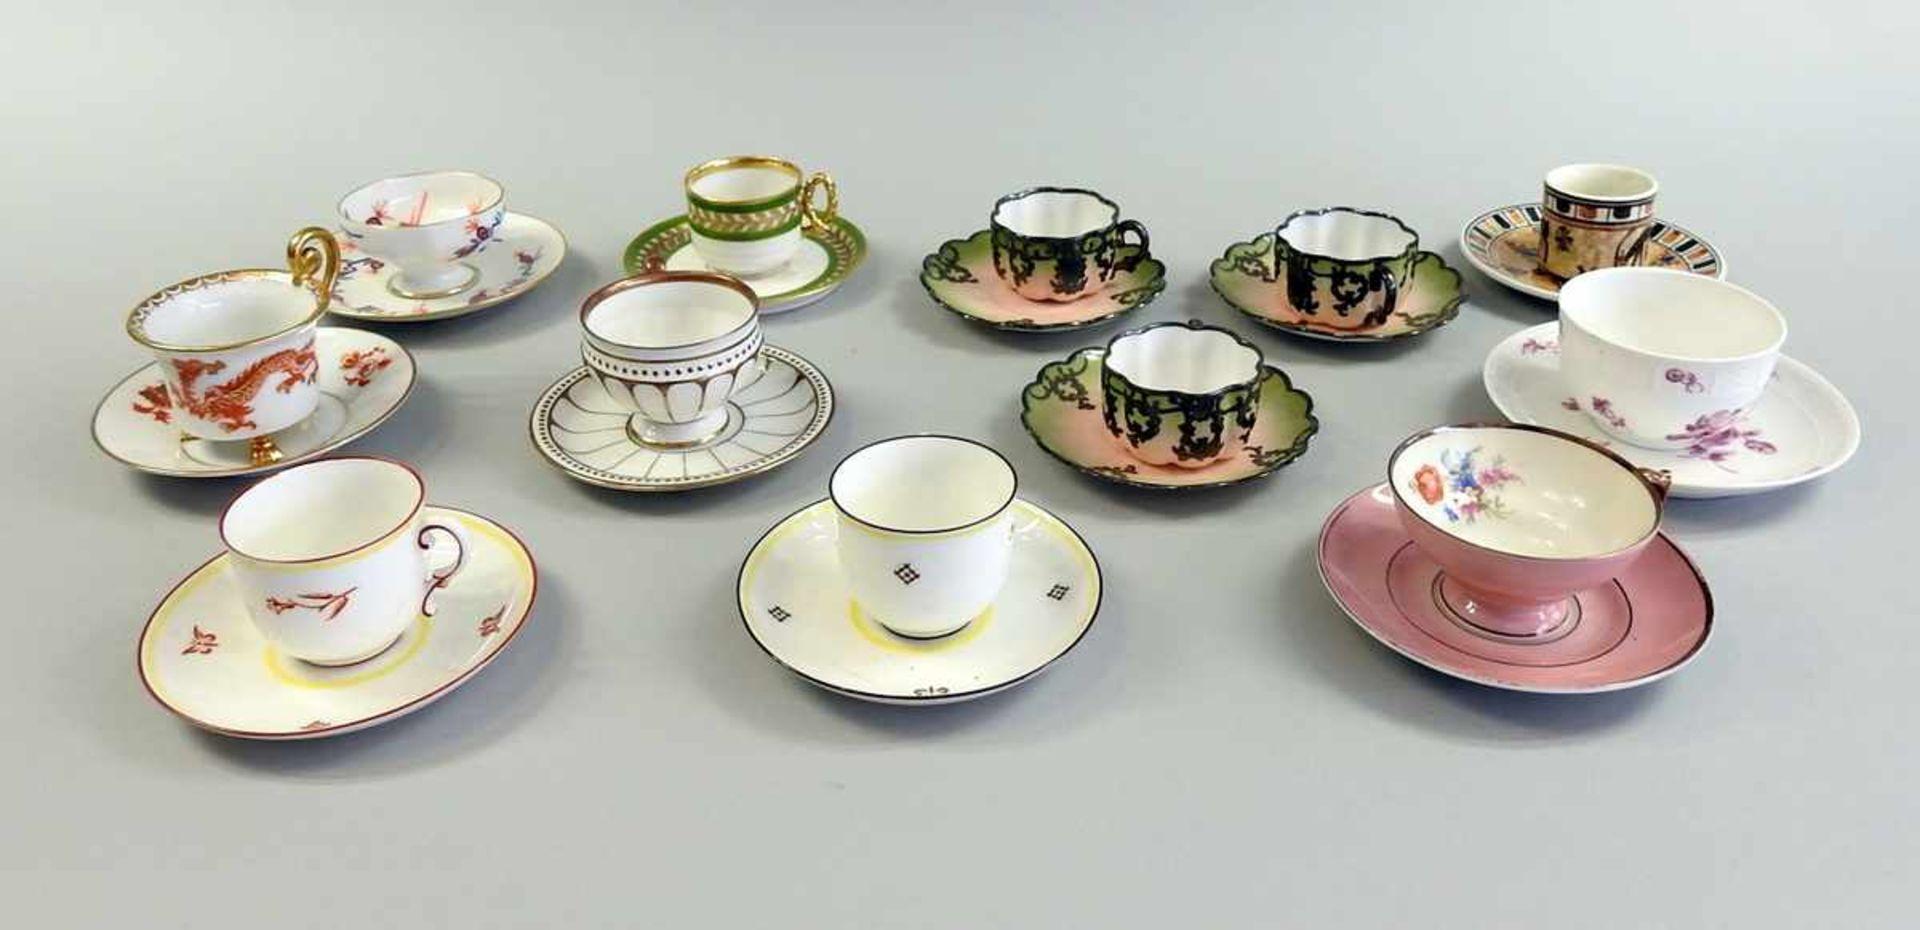 Los 42 - 12 Mokkatassen Porzellan. Verschiedene Ausarbeitungen, Manufakturen und Dekore. Alle Tassen besitzen